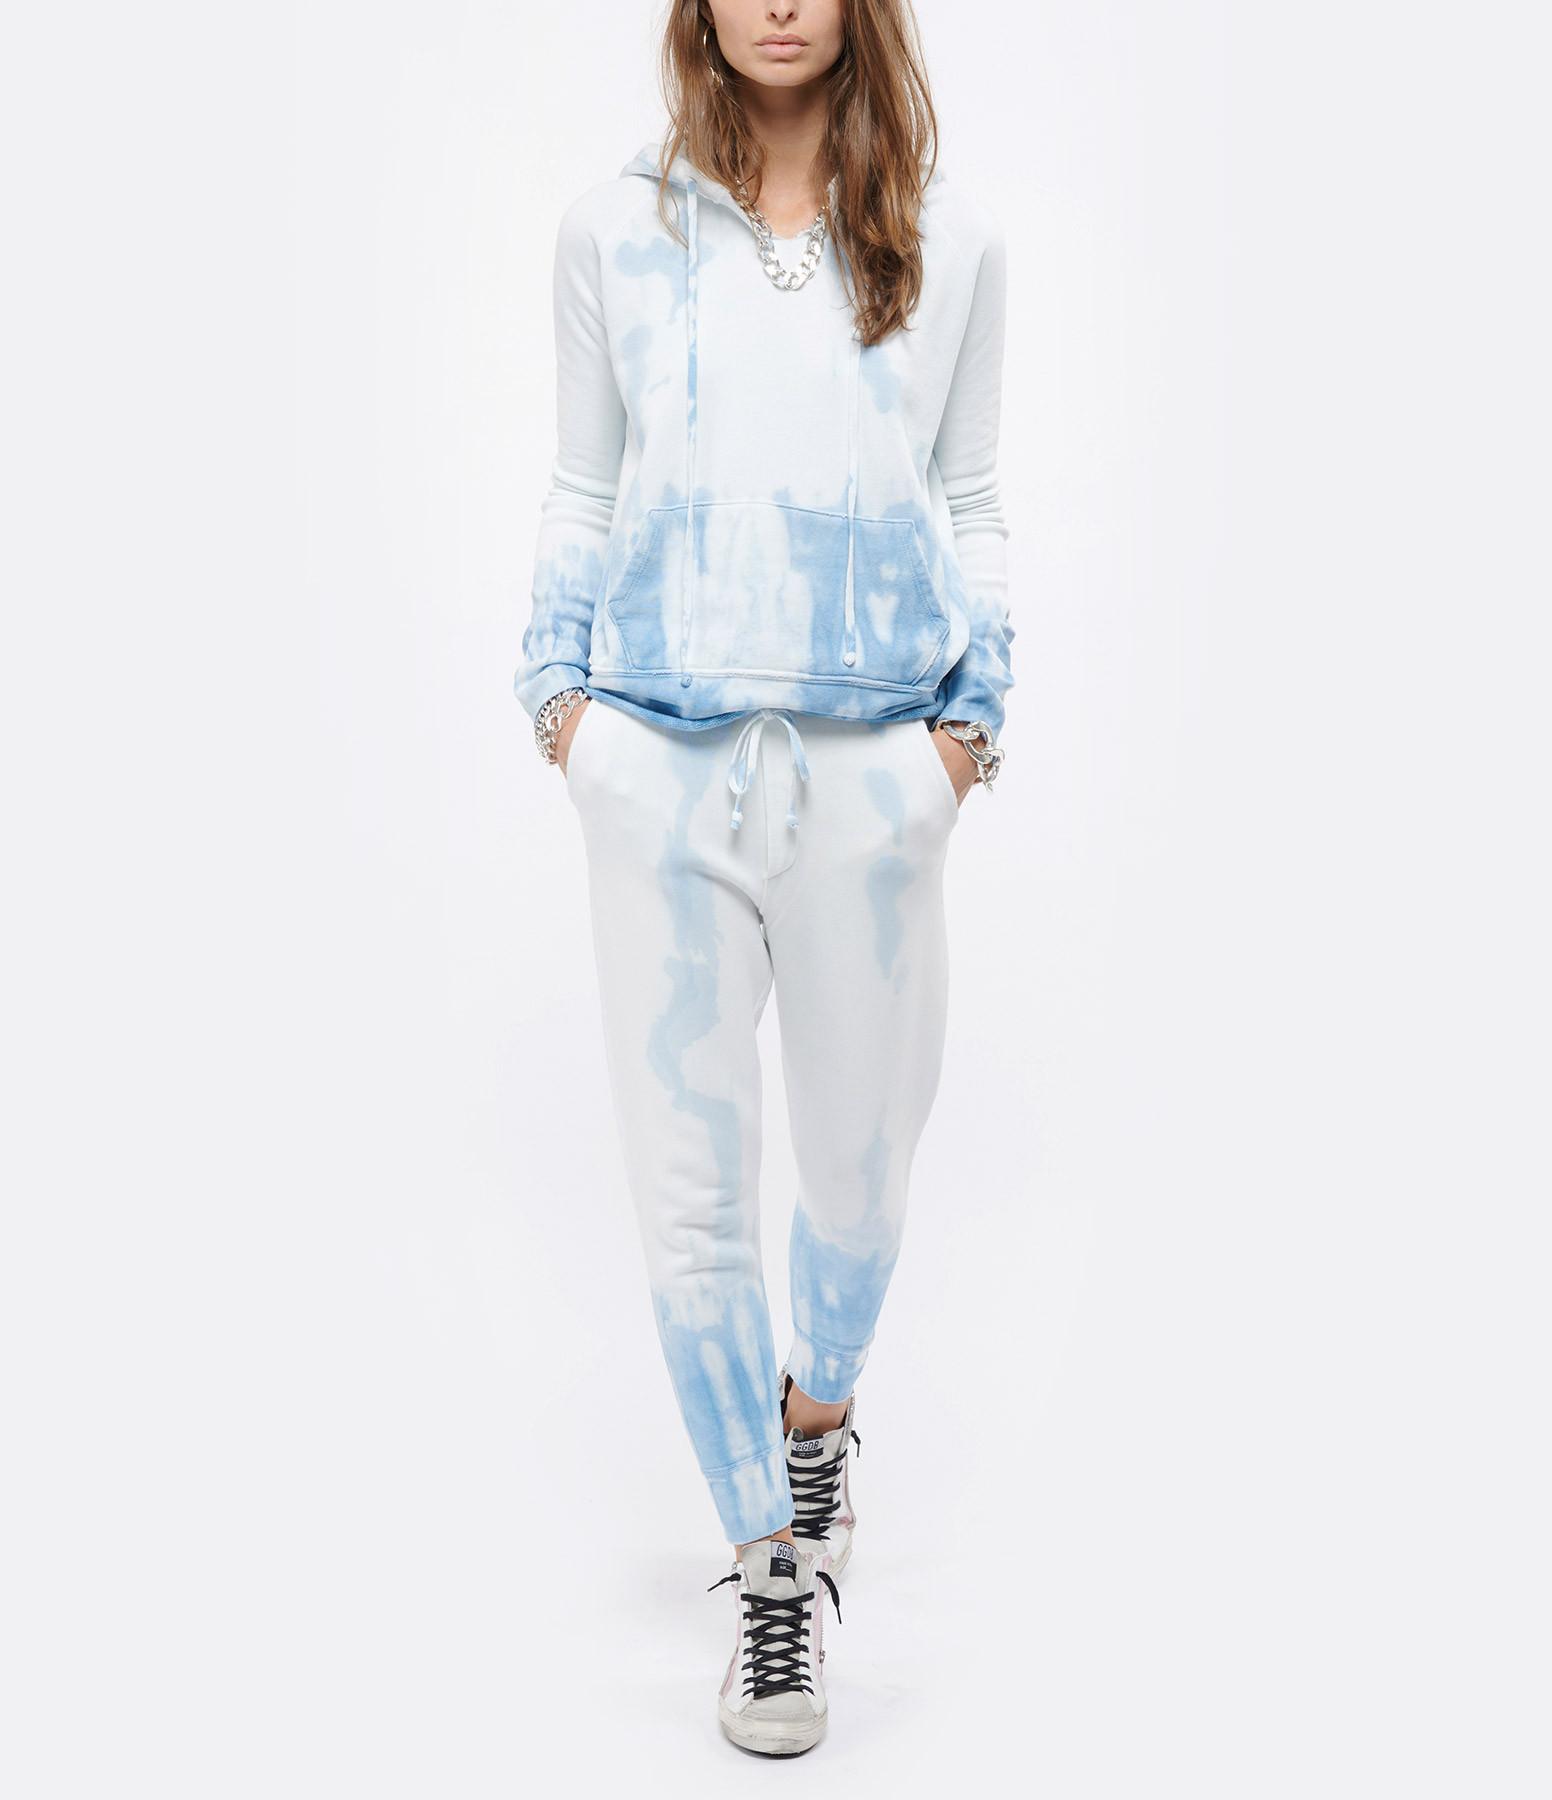 NILI LOTAN - Pantalon Nolan Coton Tie and Dye Bleu